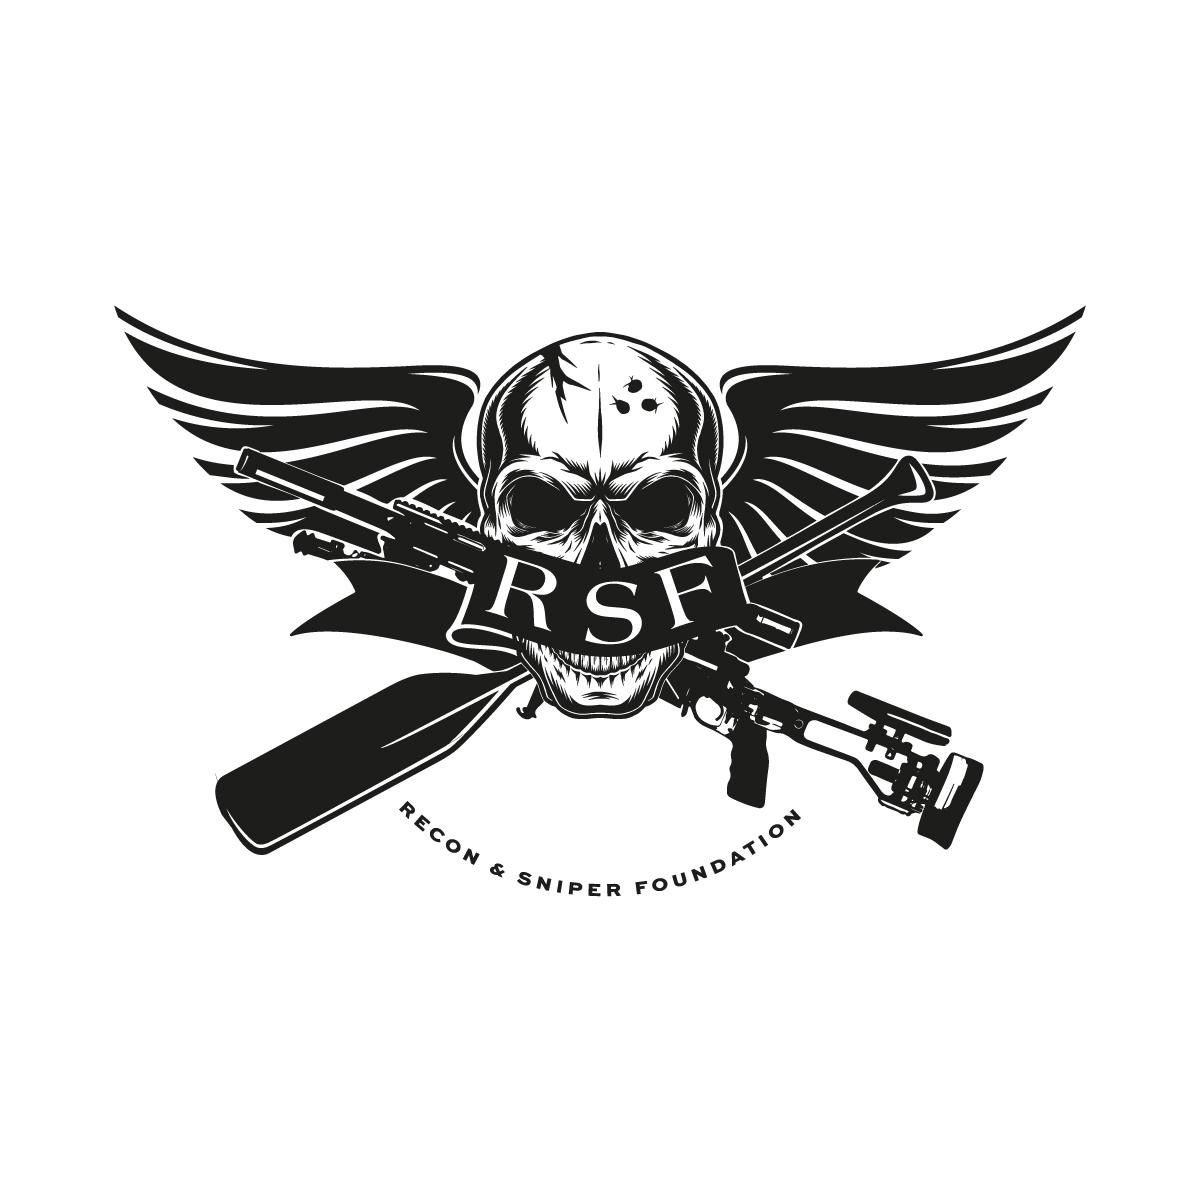 Team RSF